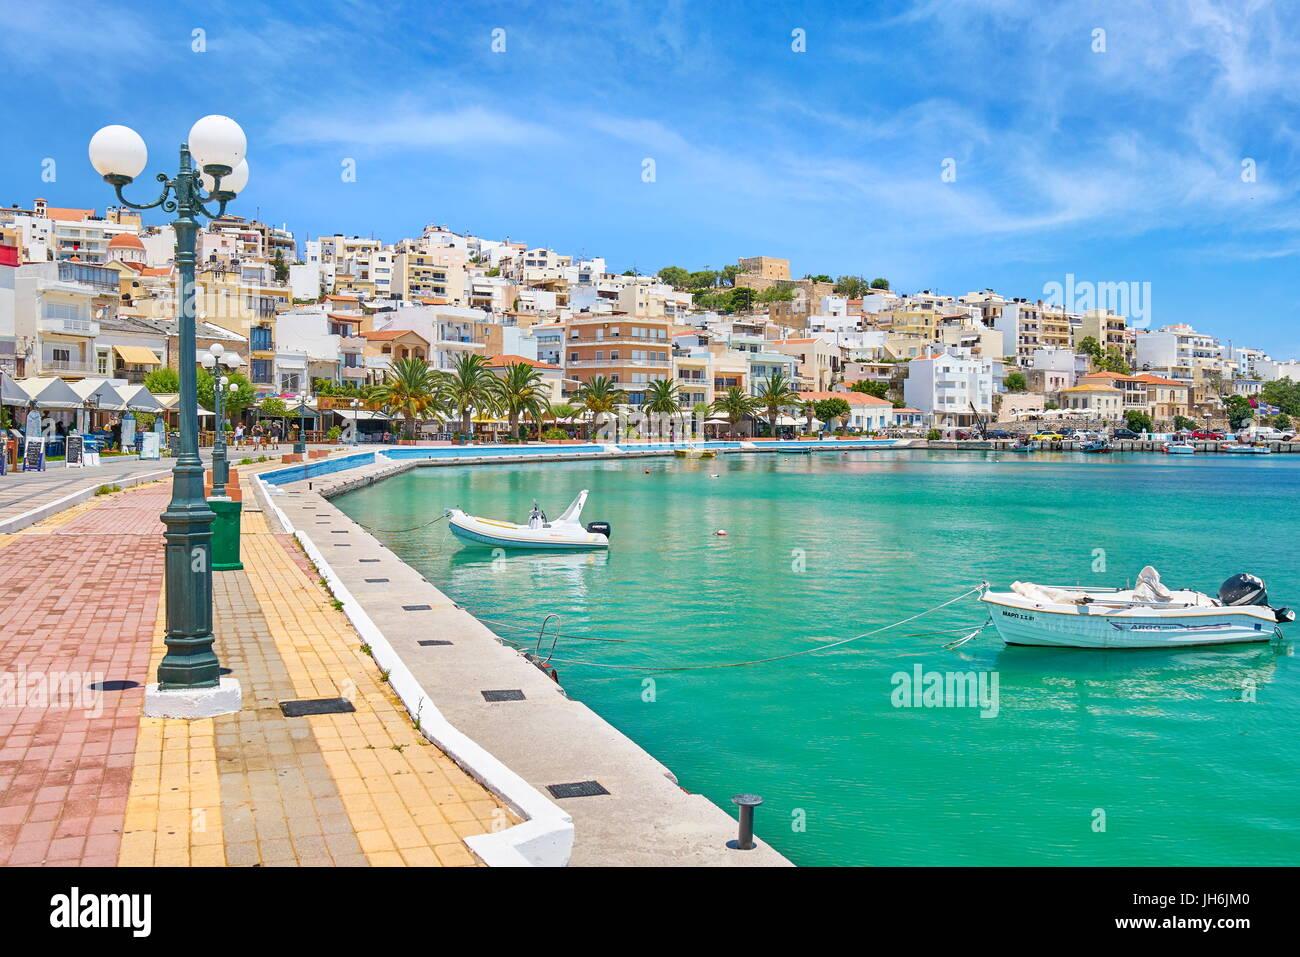 Promenade In Sitia Crete Island Greece Stock Photo